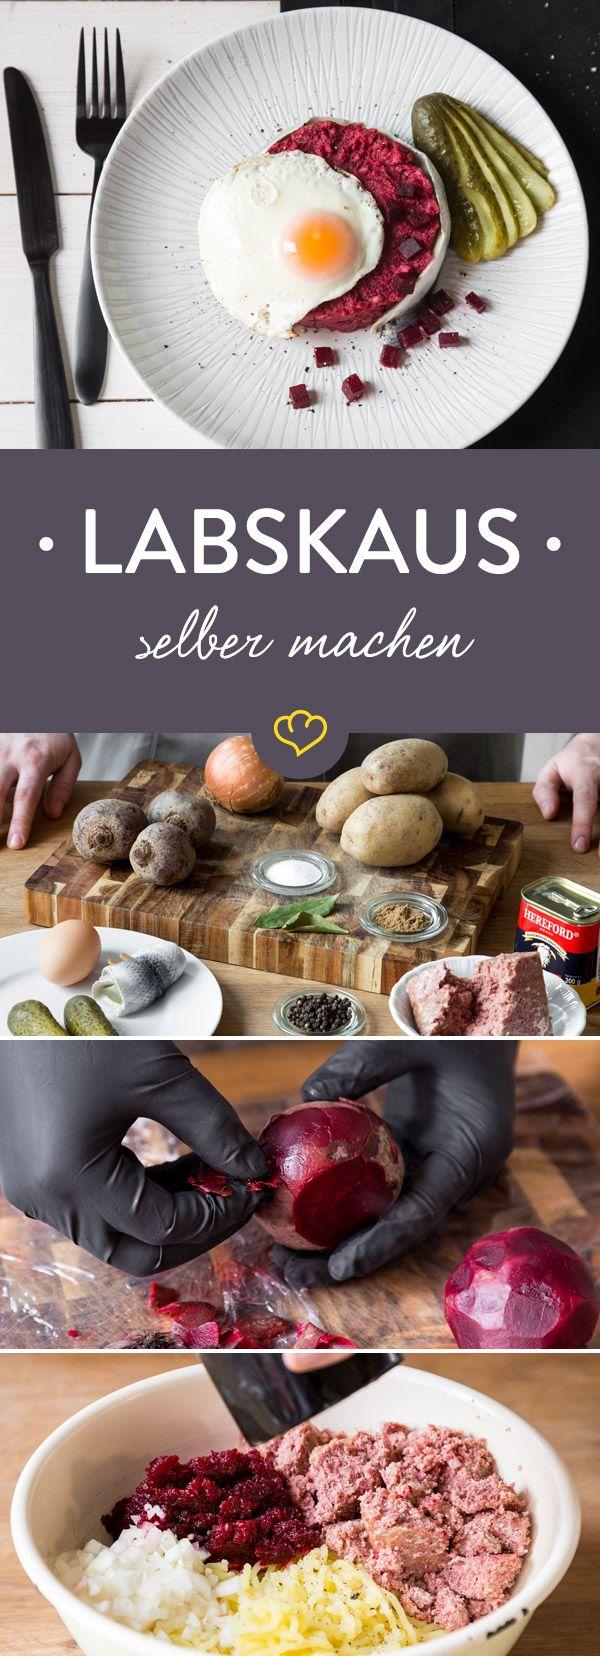 Labskaus – Das Original aus Hamburg